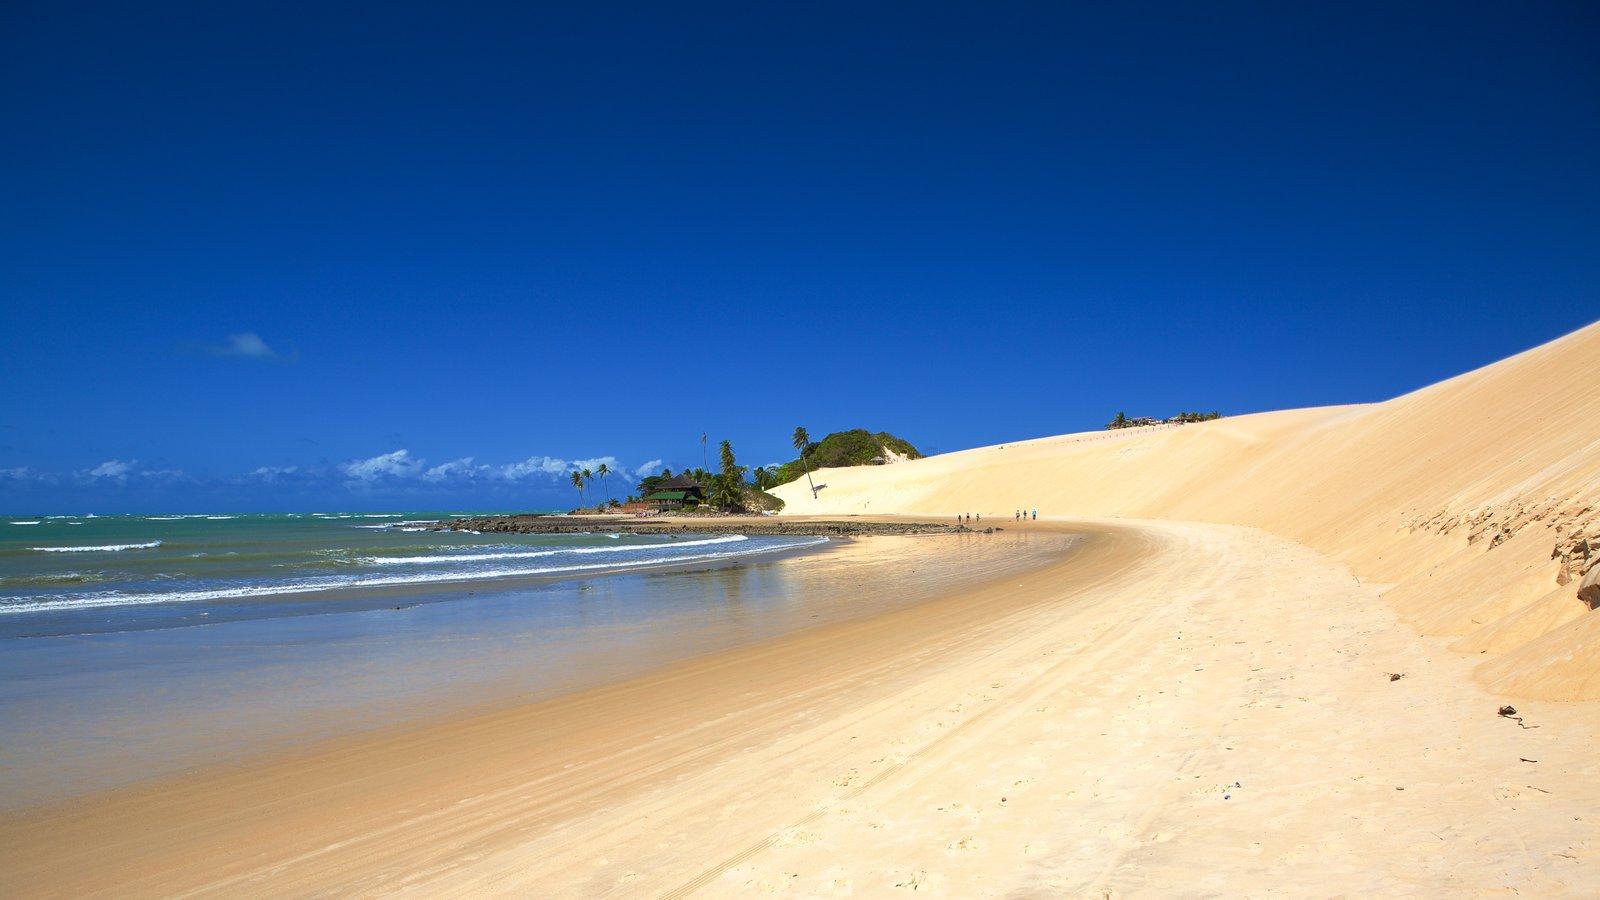 Praia de Genipabú que inclui paisagens litorâneas e uma praia